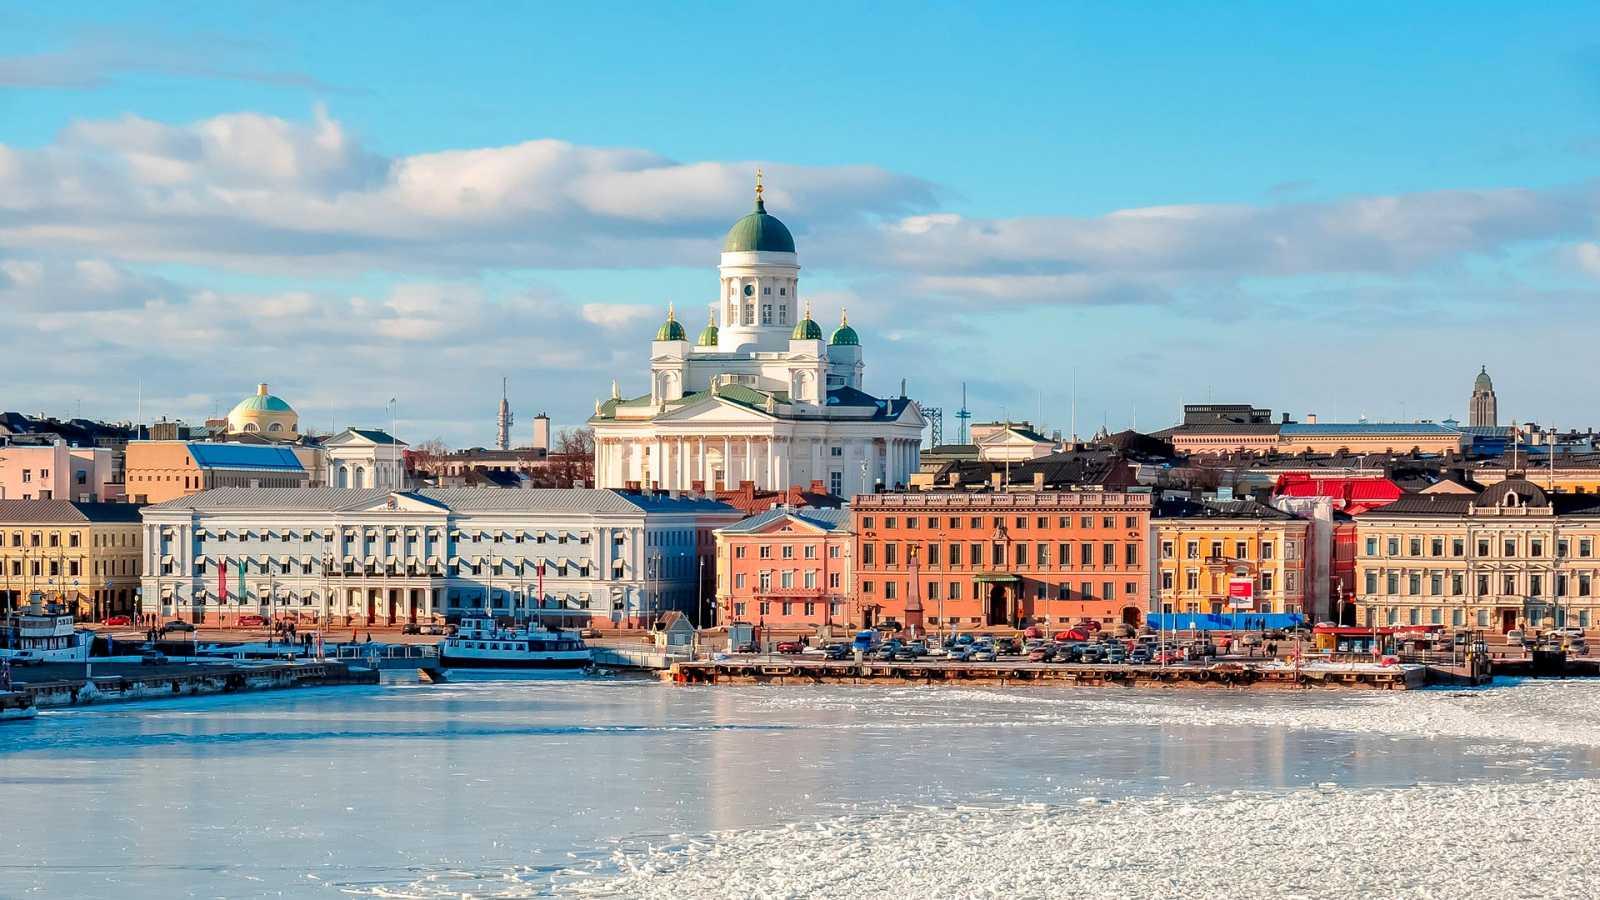 Visítame en un día - Helsinki - ver ahora